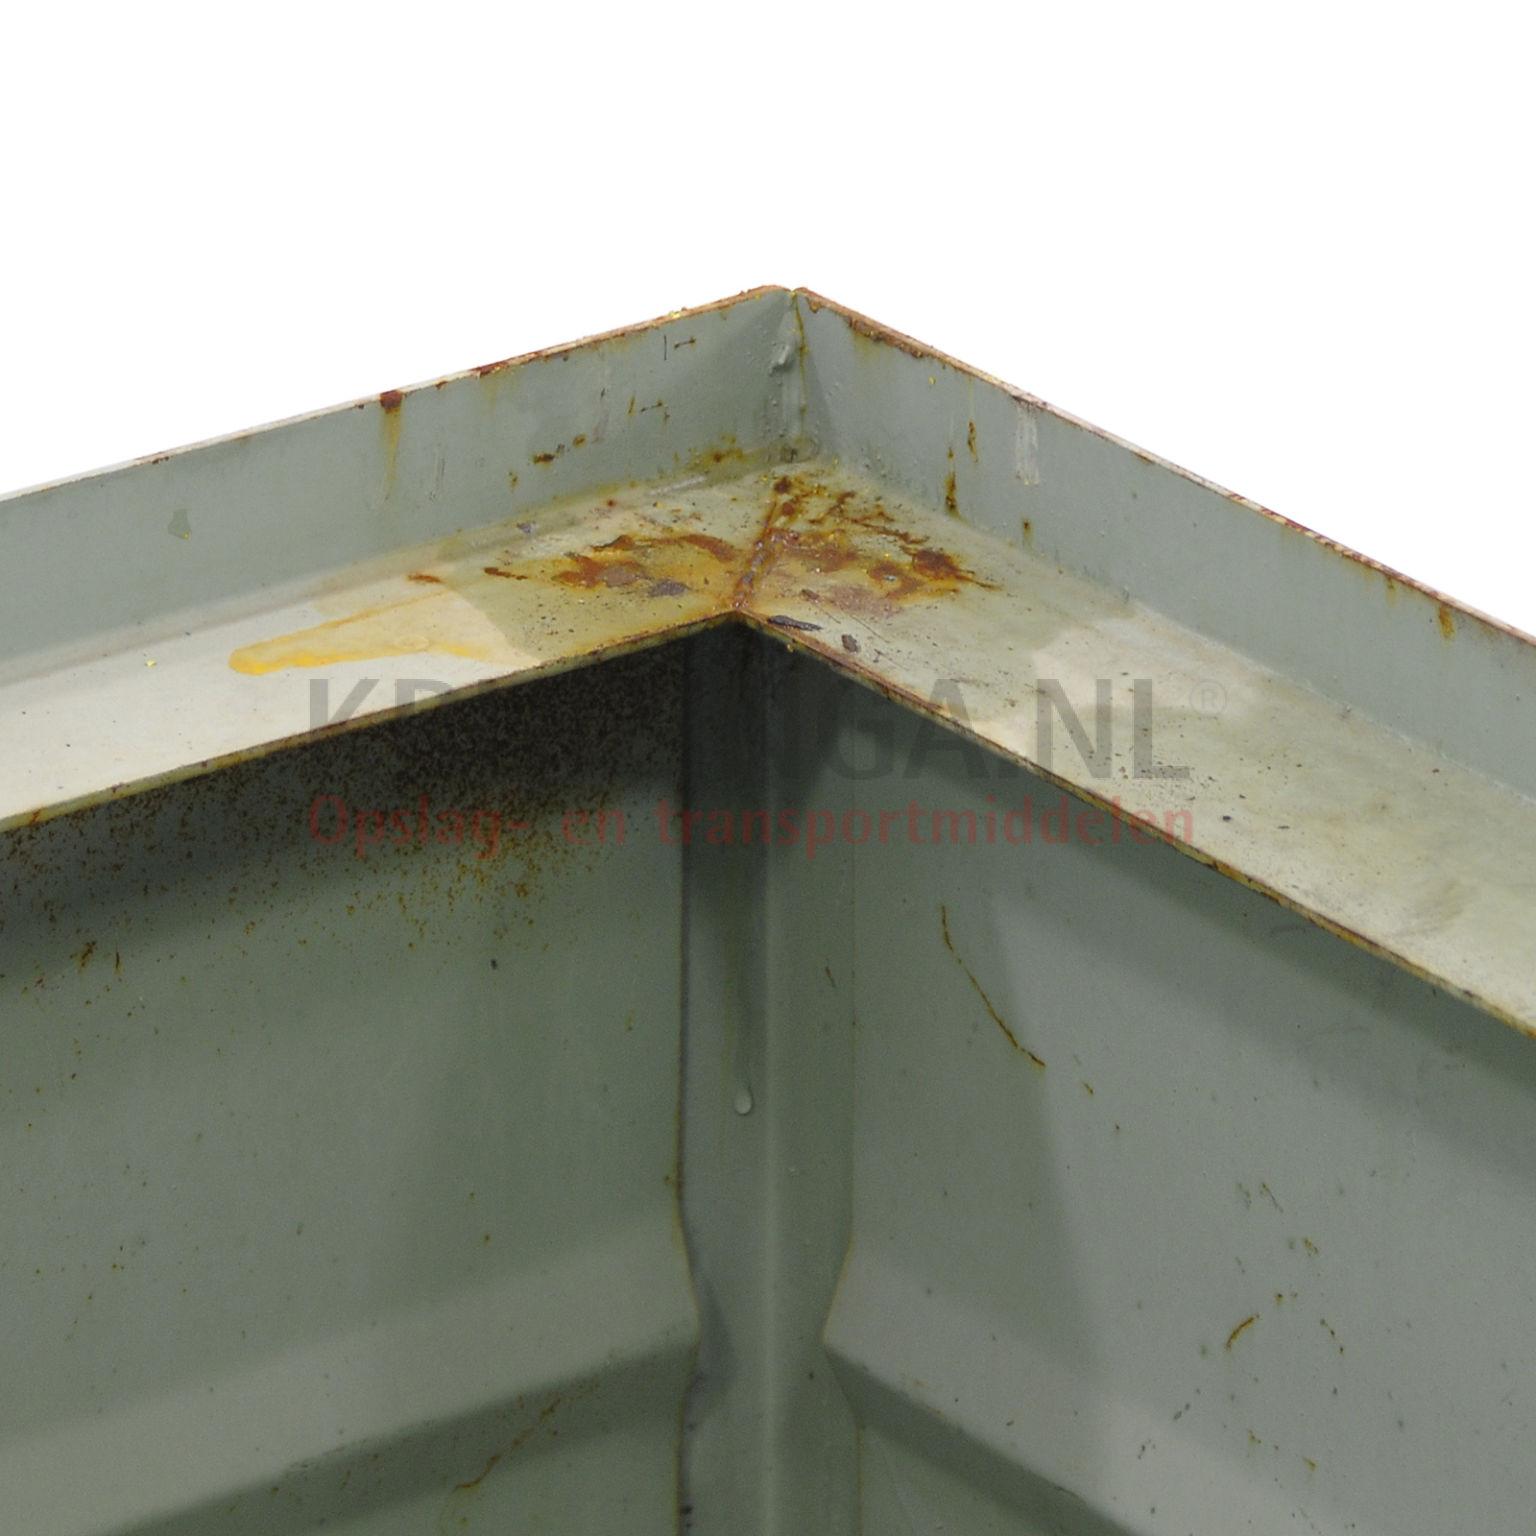 bac de rangement acier construction compact empilable occasion. Black Bedroom Furniture Sets. Home Design Ideas